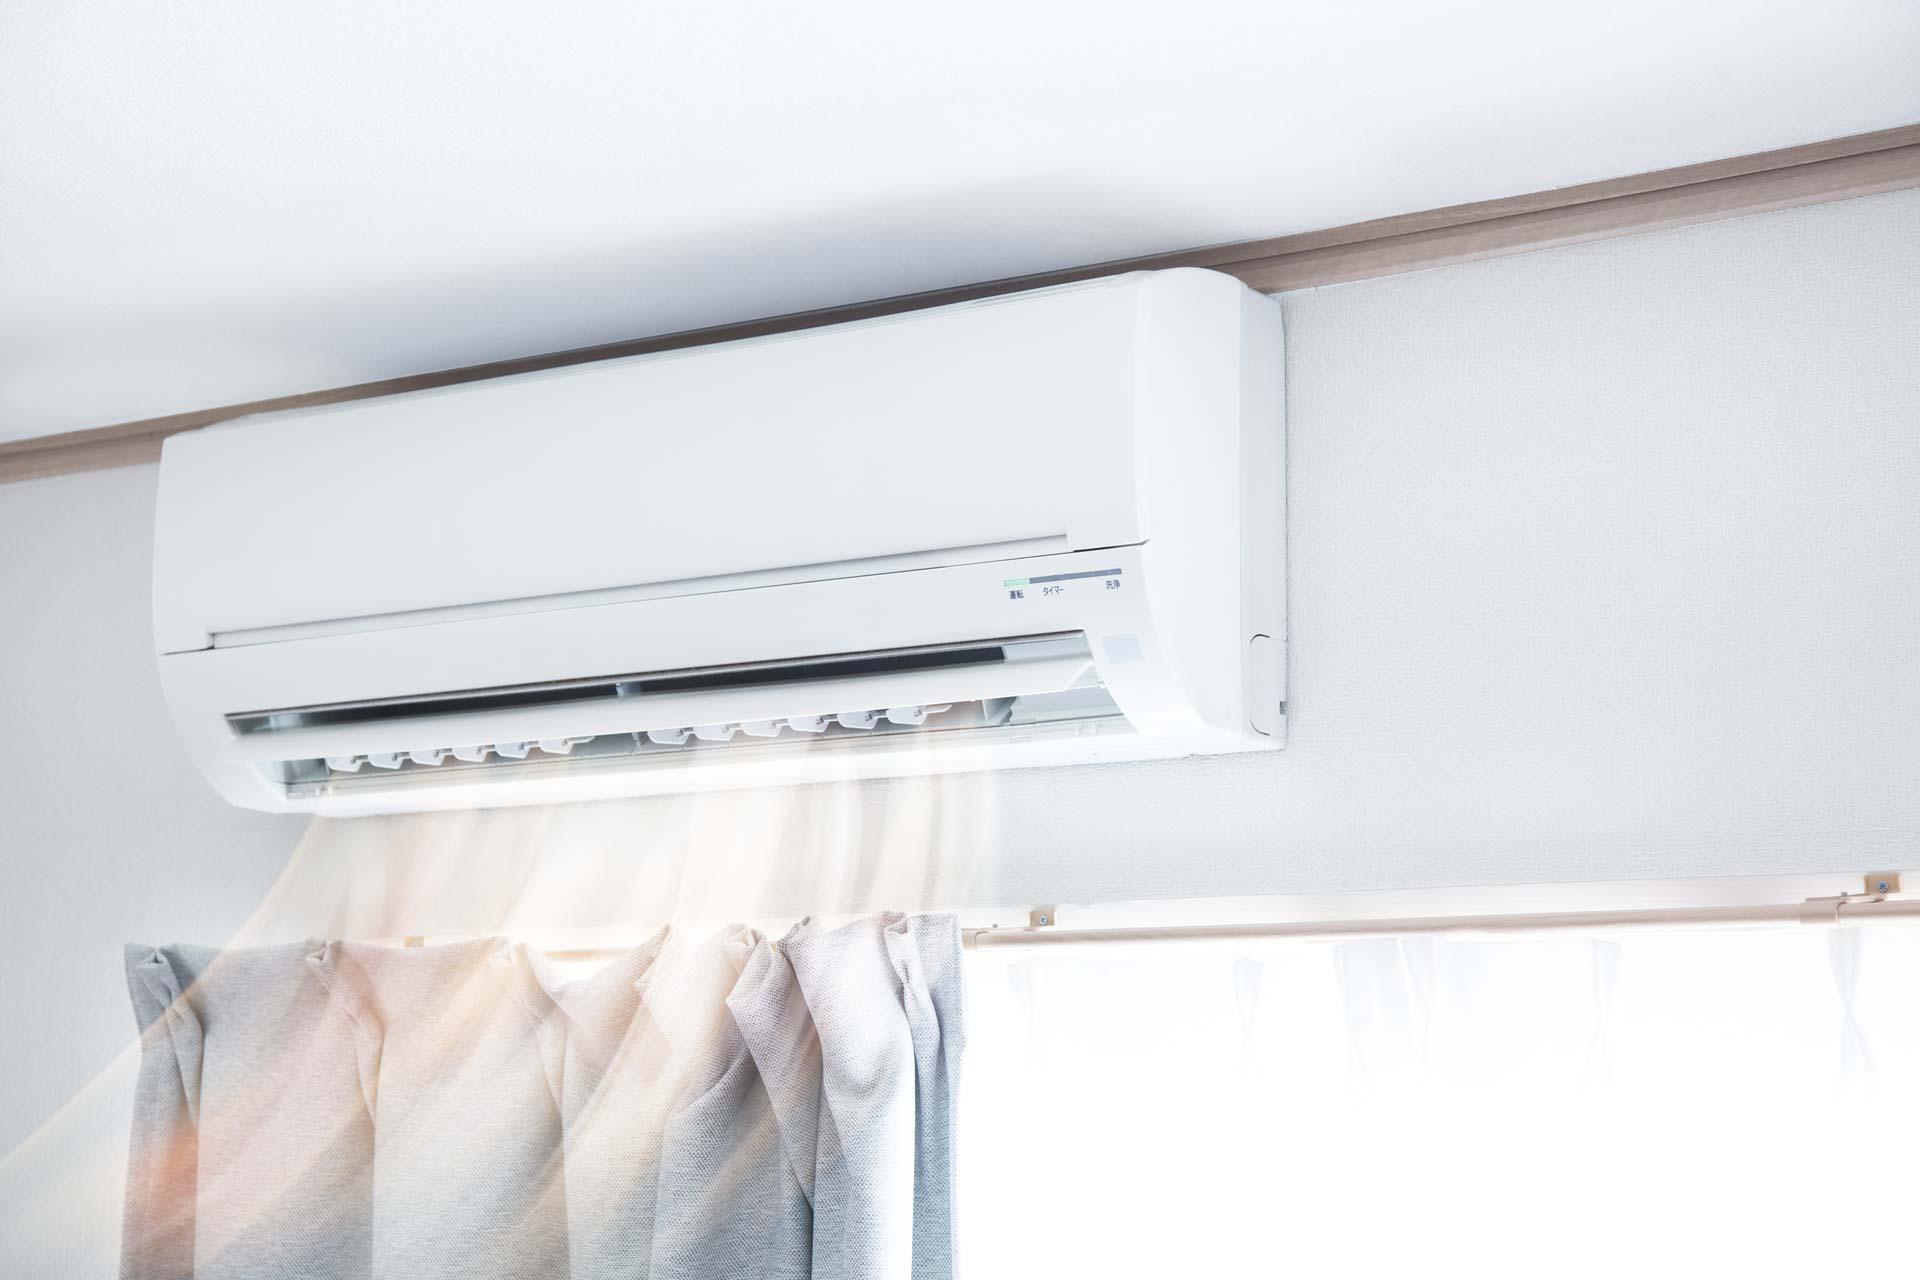 Plomb Elec - Électricité, chauffage et plomberie à Épinal (8)